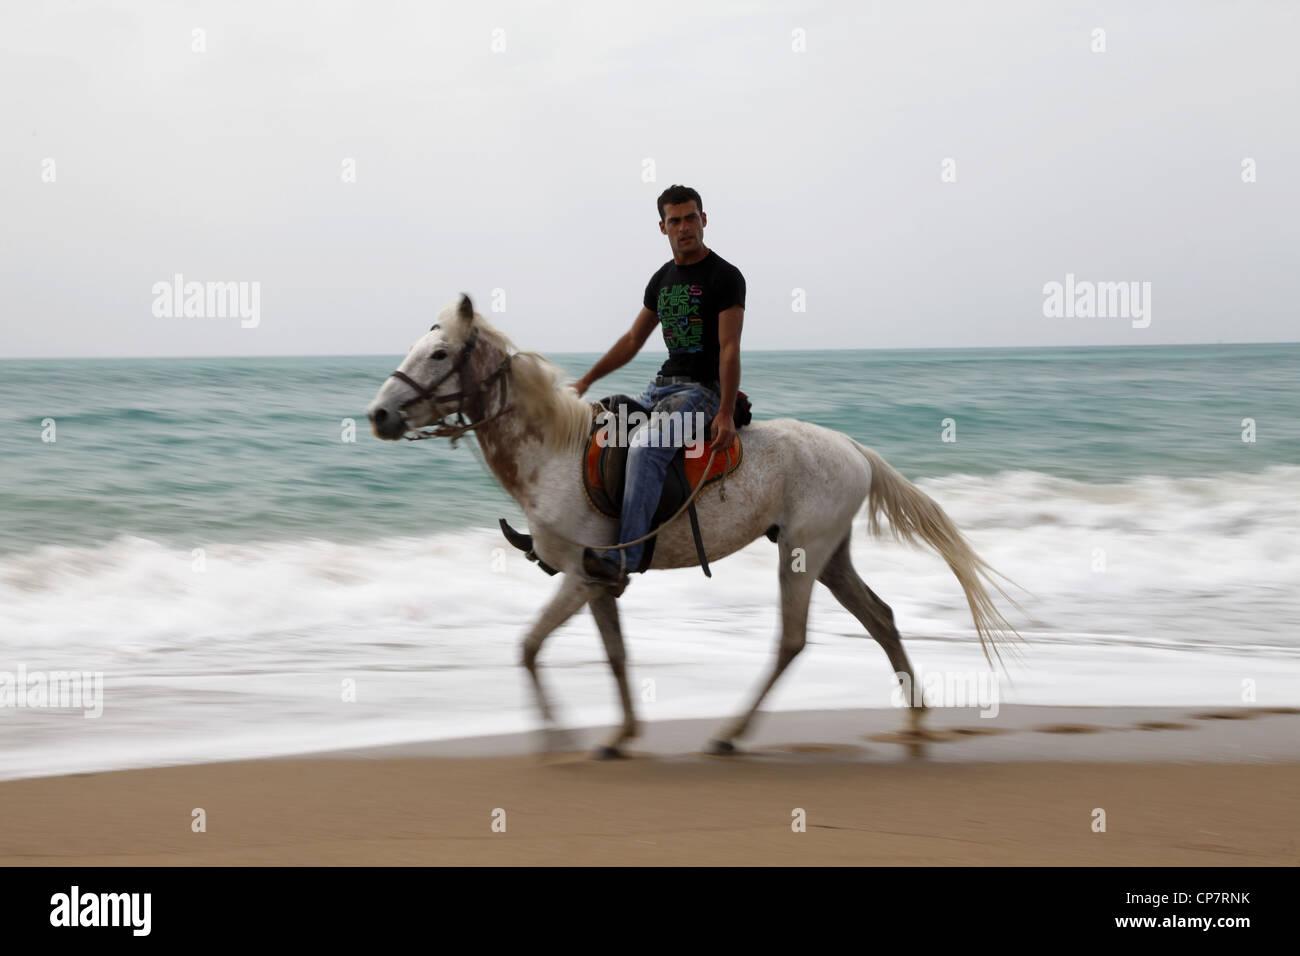 El hombre sobre el caballo blanco COSTA MEDITERRÁNEA Lado Turquía el 15 de abril de 2012 Imagen De Stock